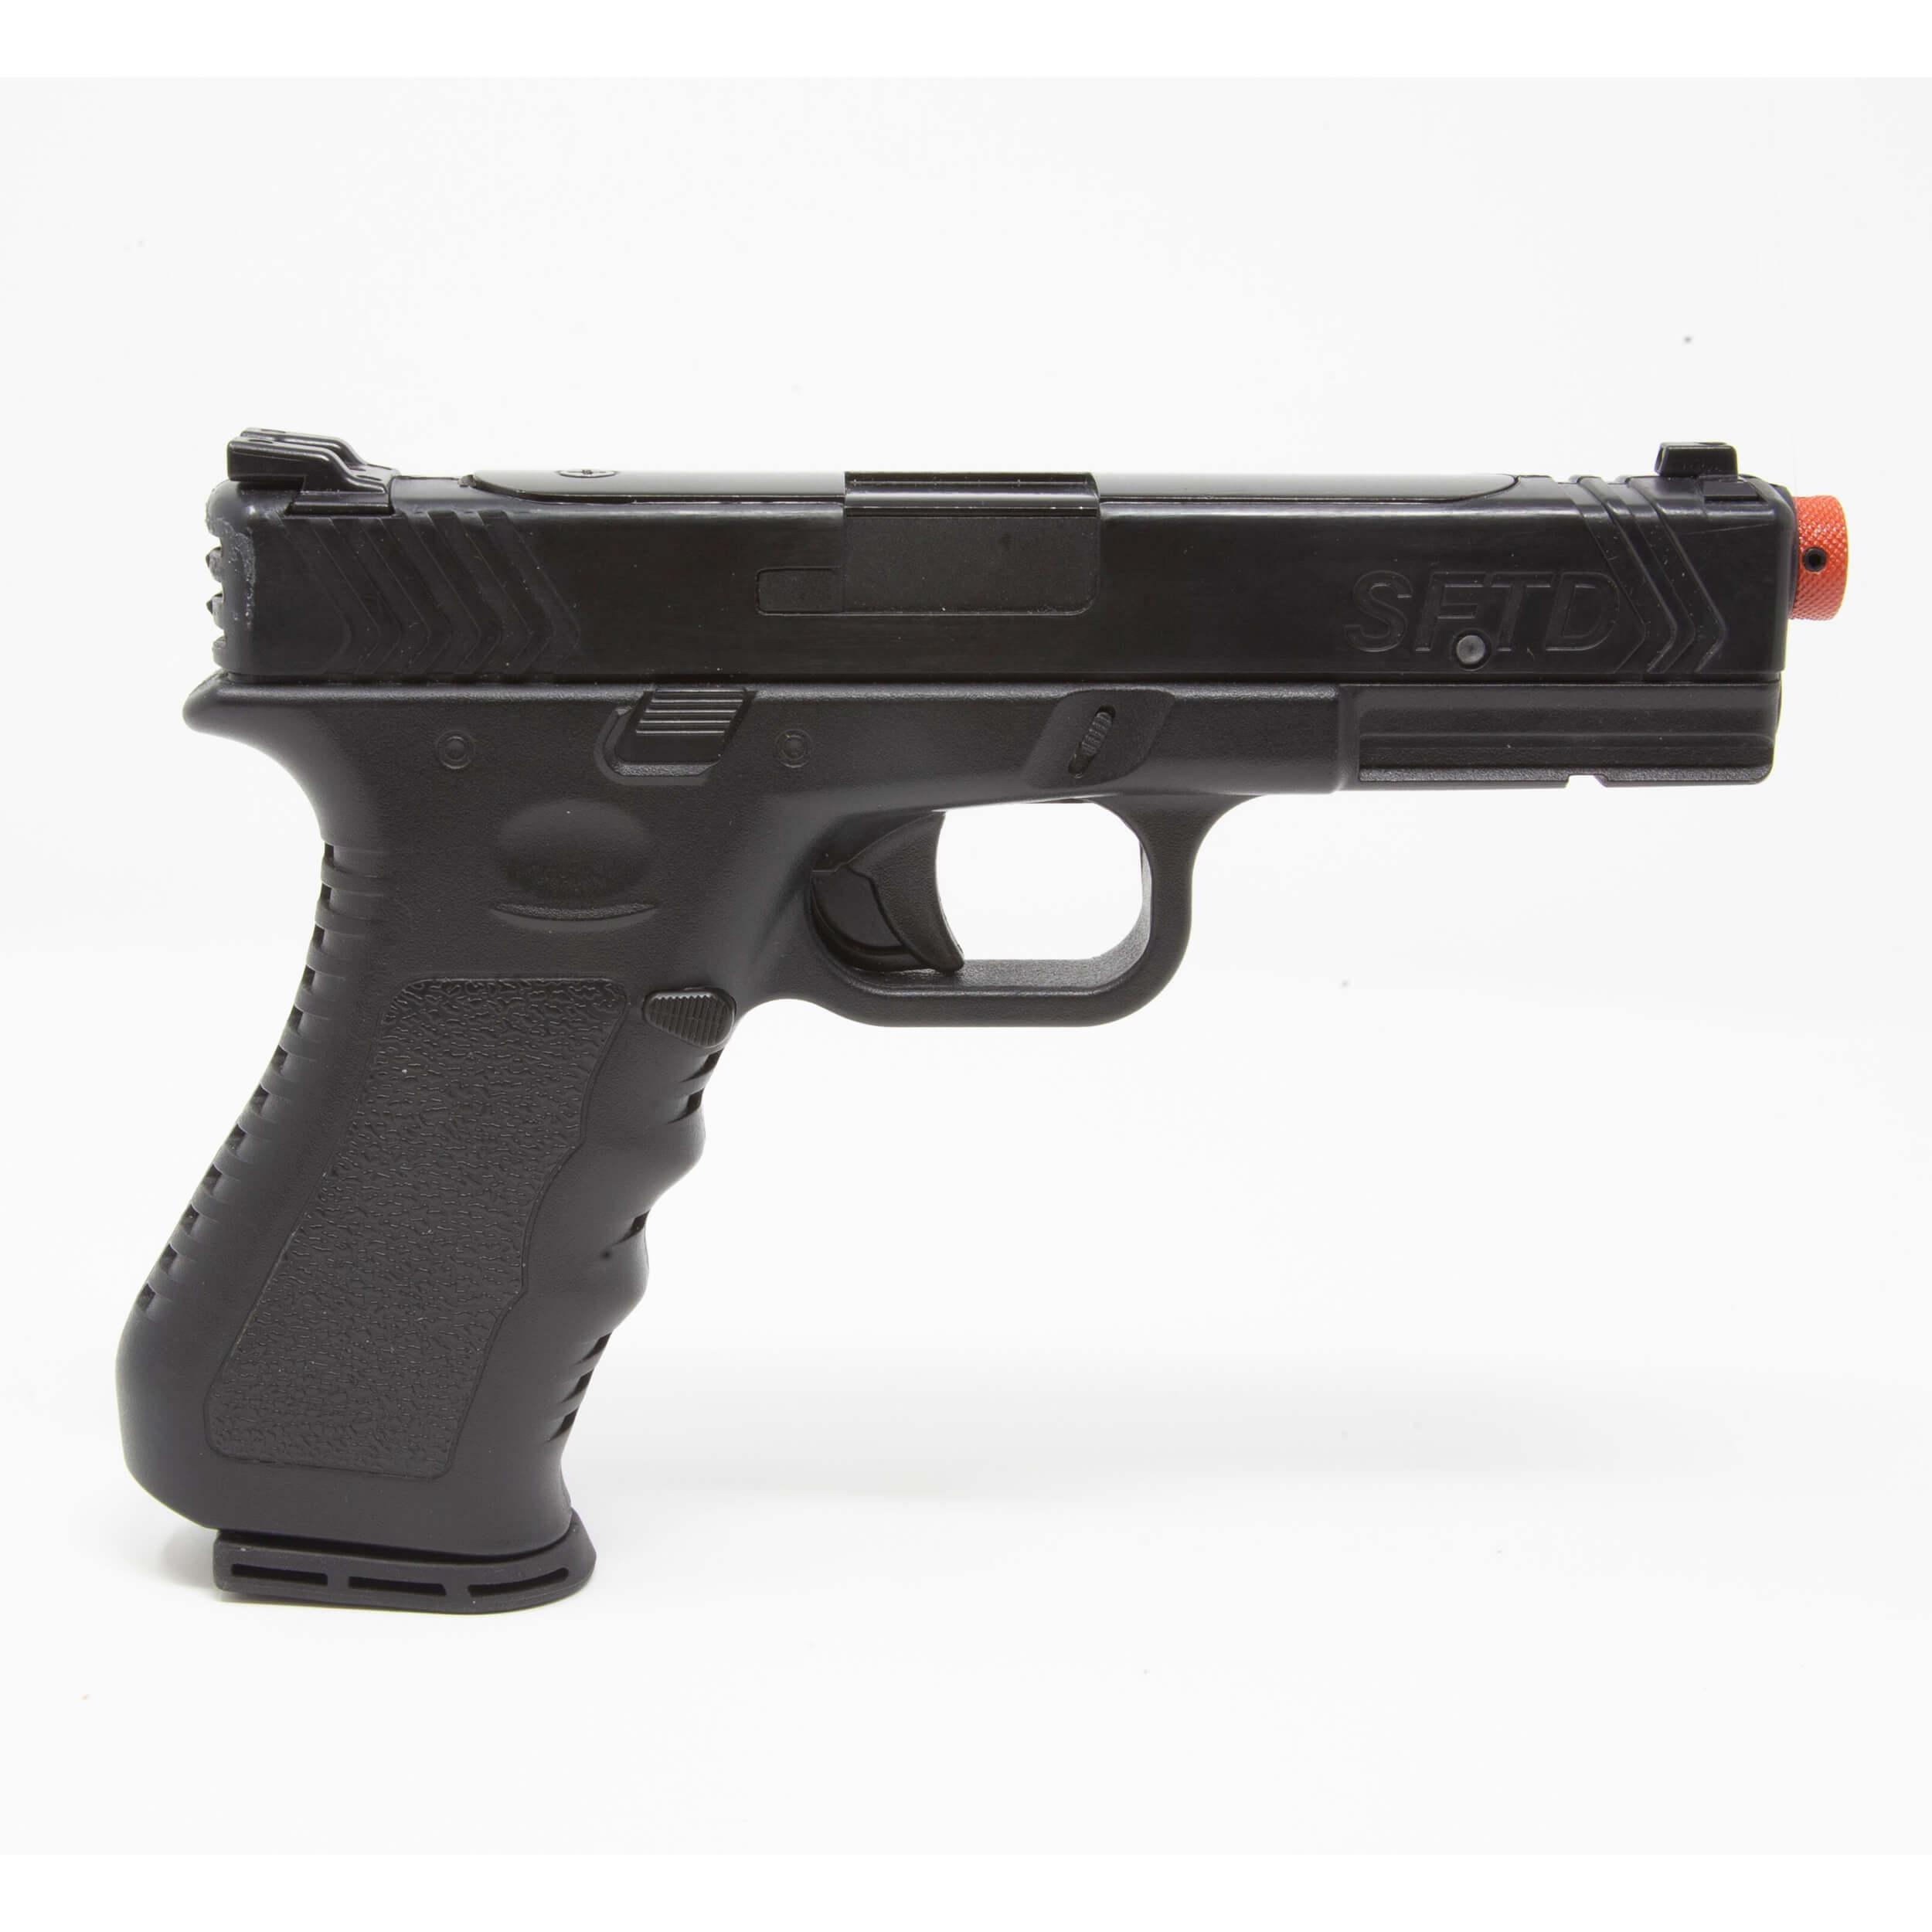 Glock 17 Pro Laser Training Pistole